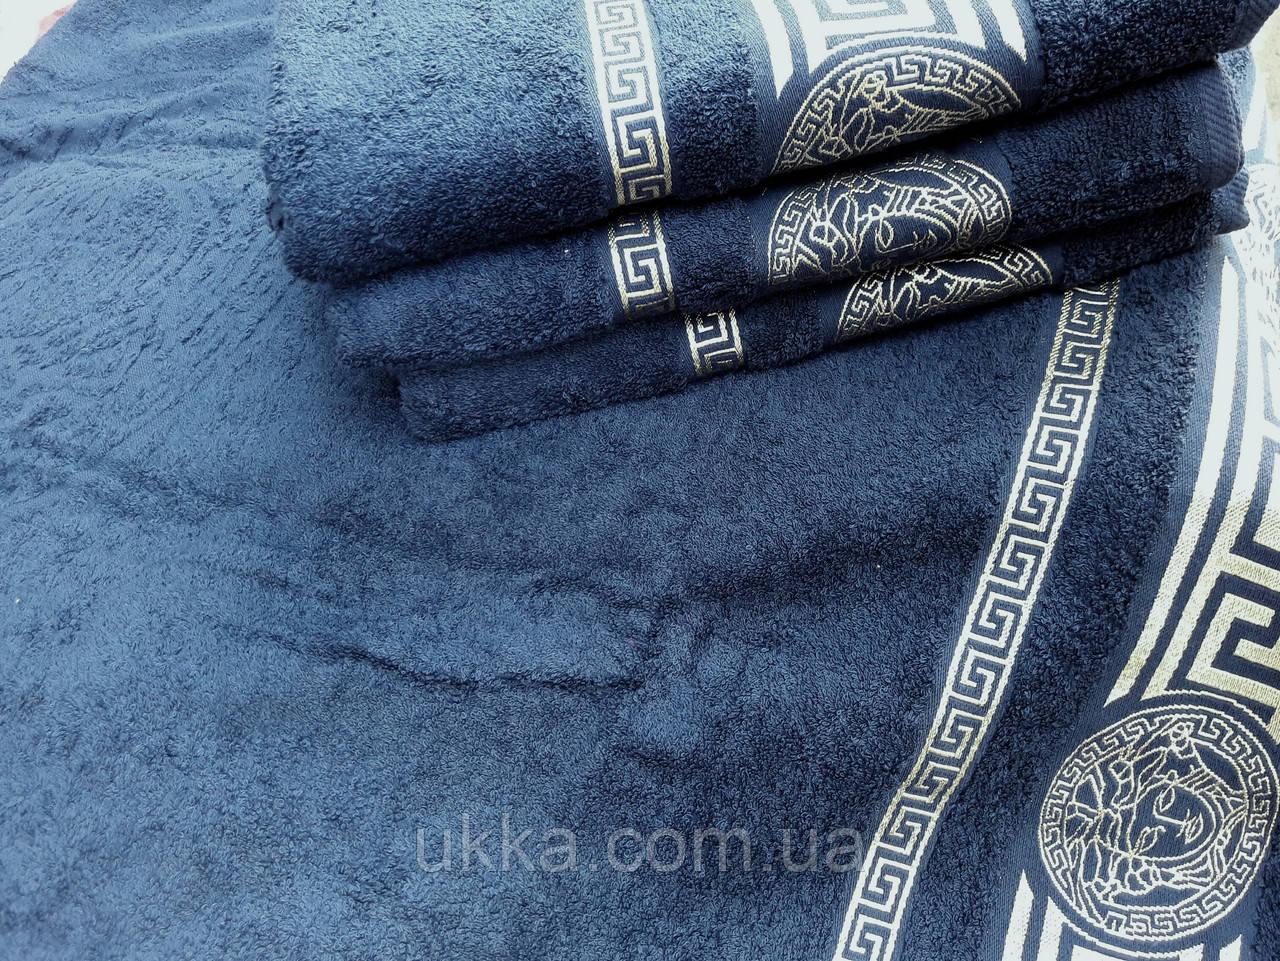 Махровое полотенце для лица 50х80 100% хлопок Узбекистан Версаче темно-синее